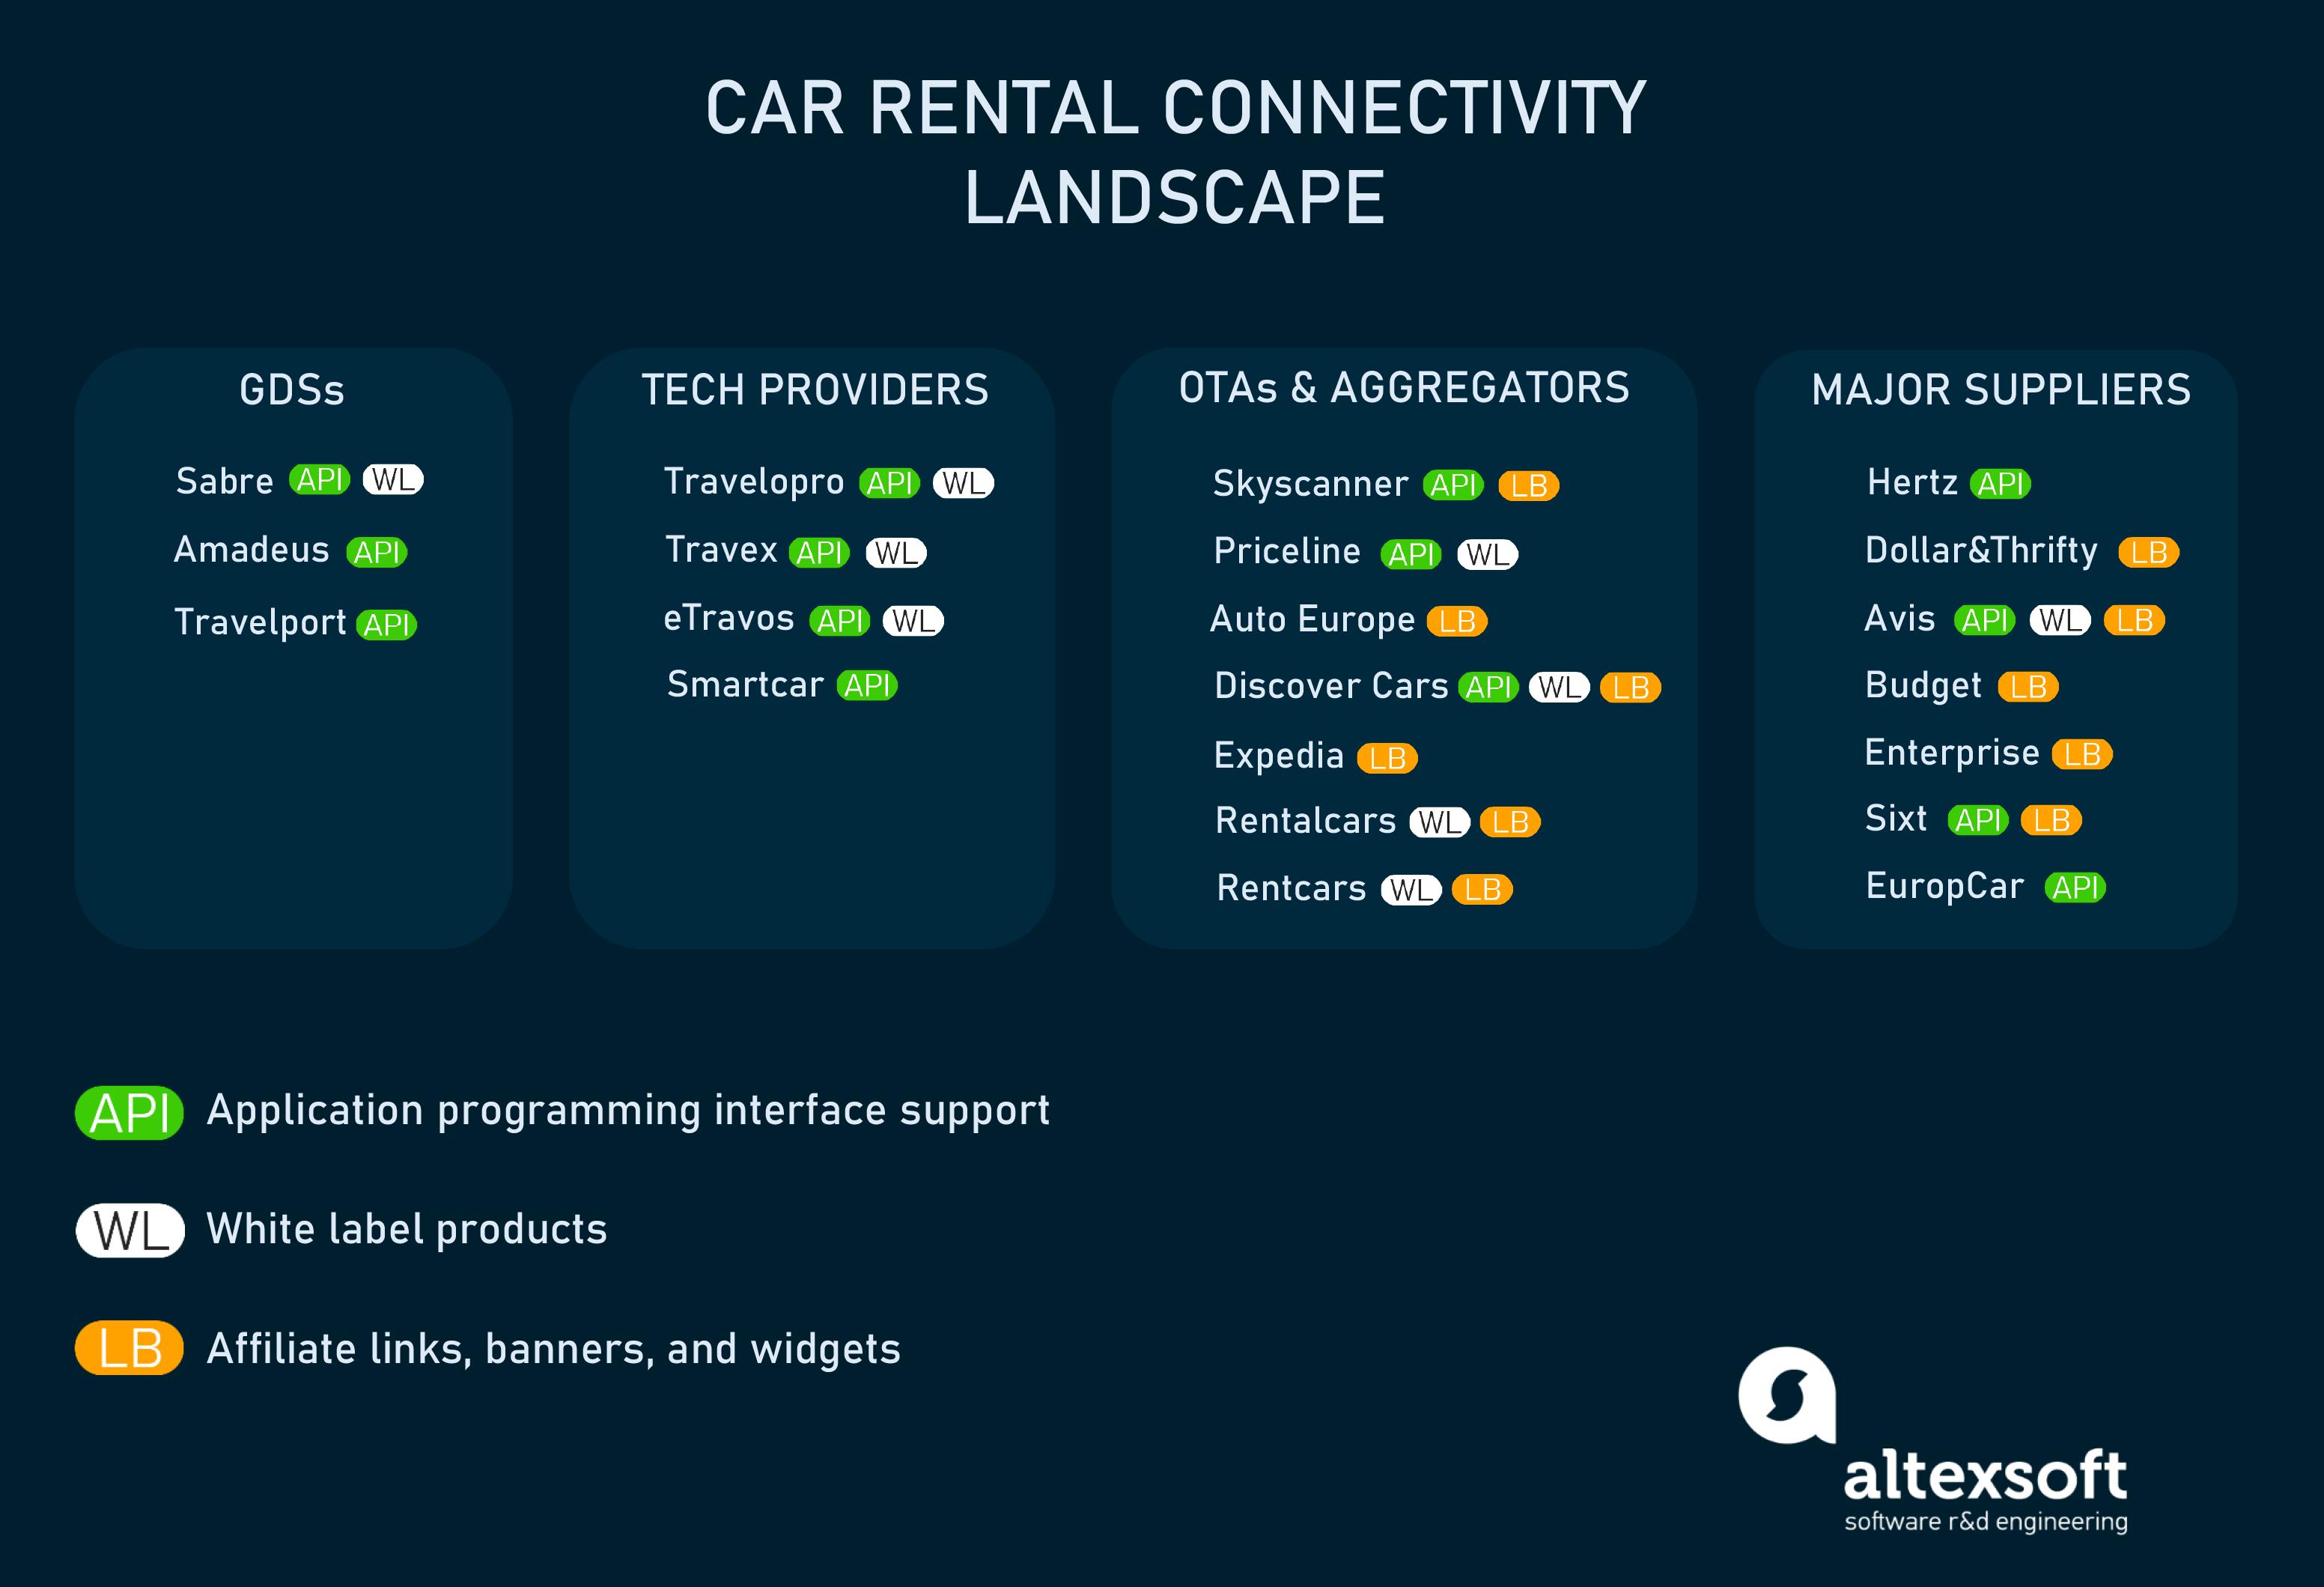 Car rental connectivity landscape